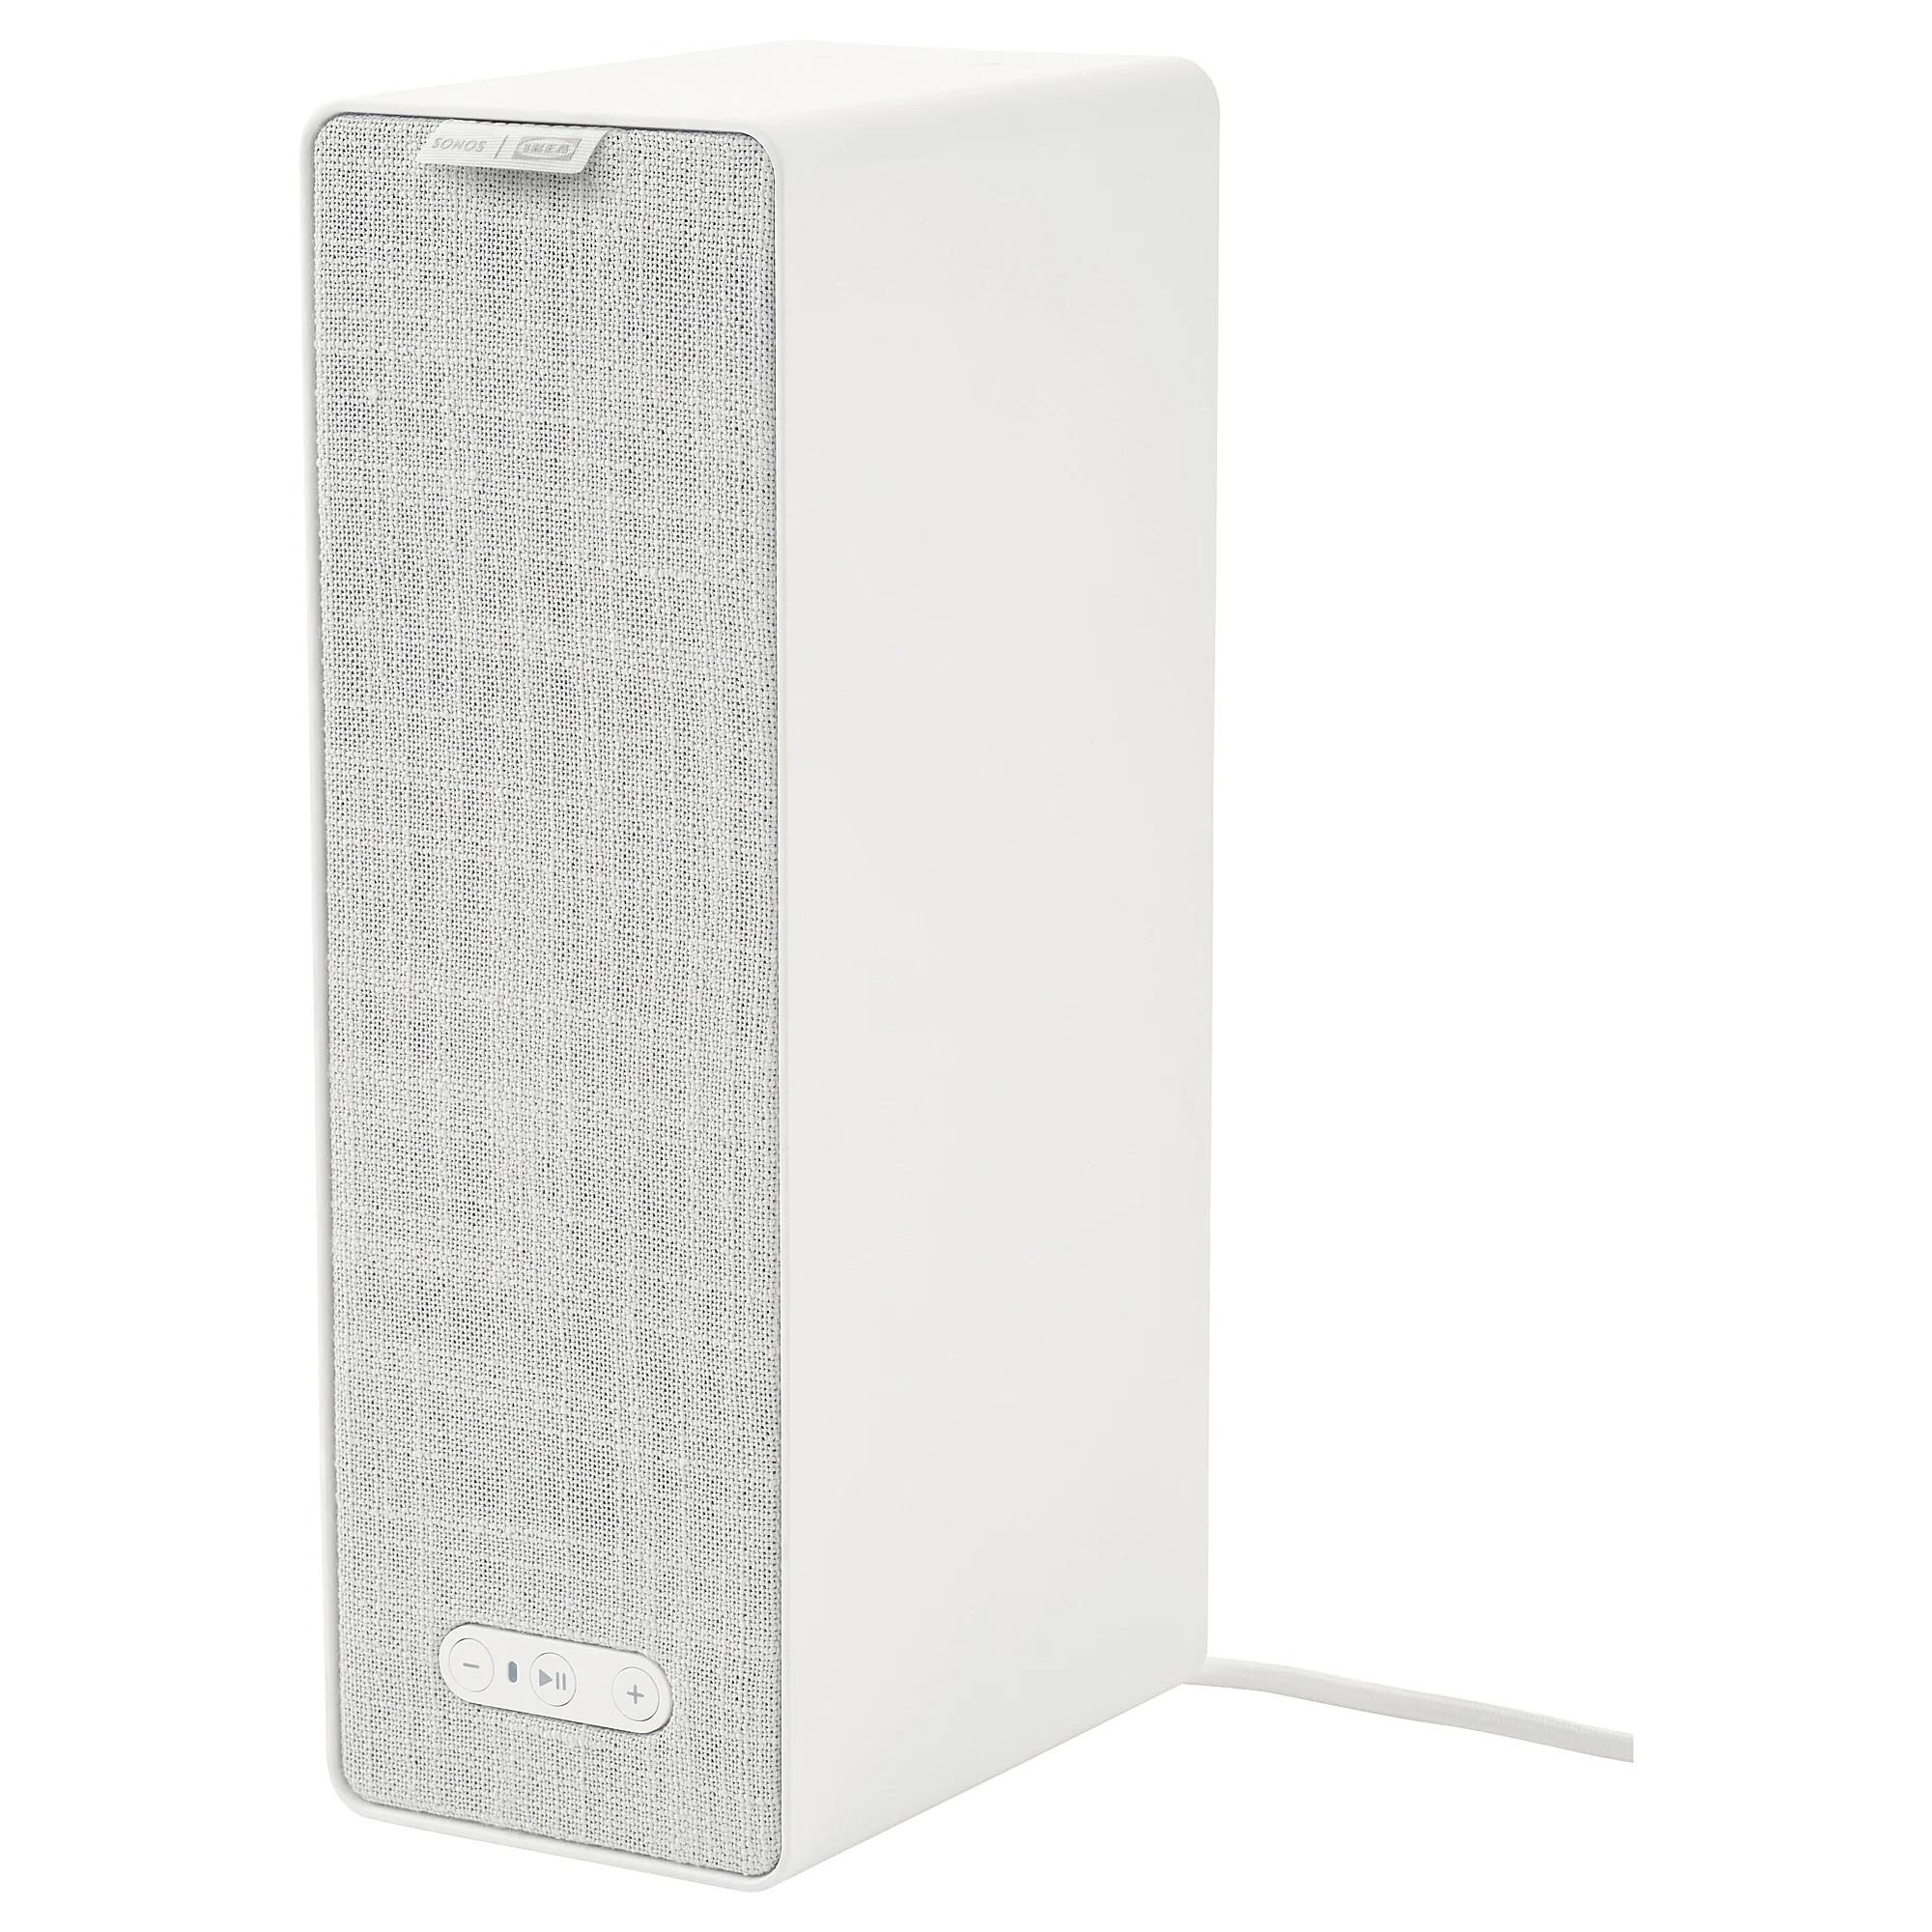 IKEA SYMFONISK - Sonos Lautsprecher - Regal-WiFi-Speaker -Weiss